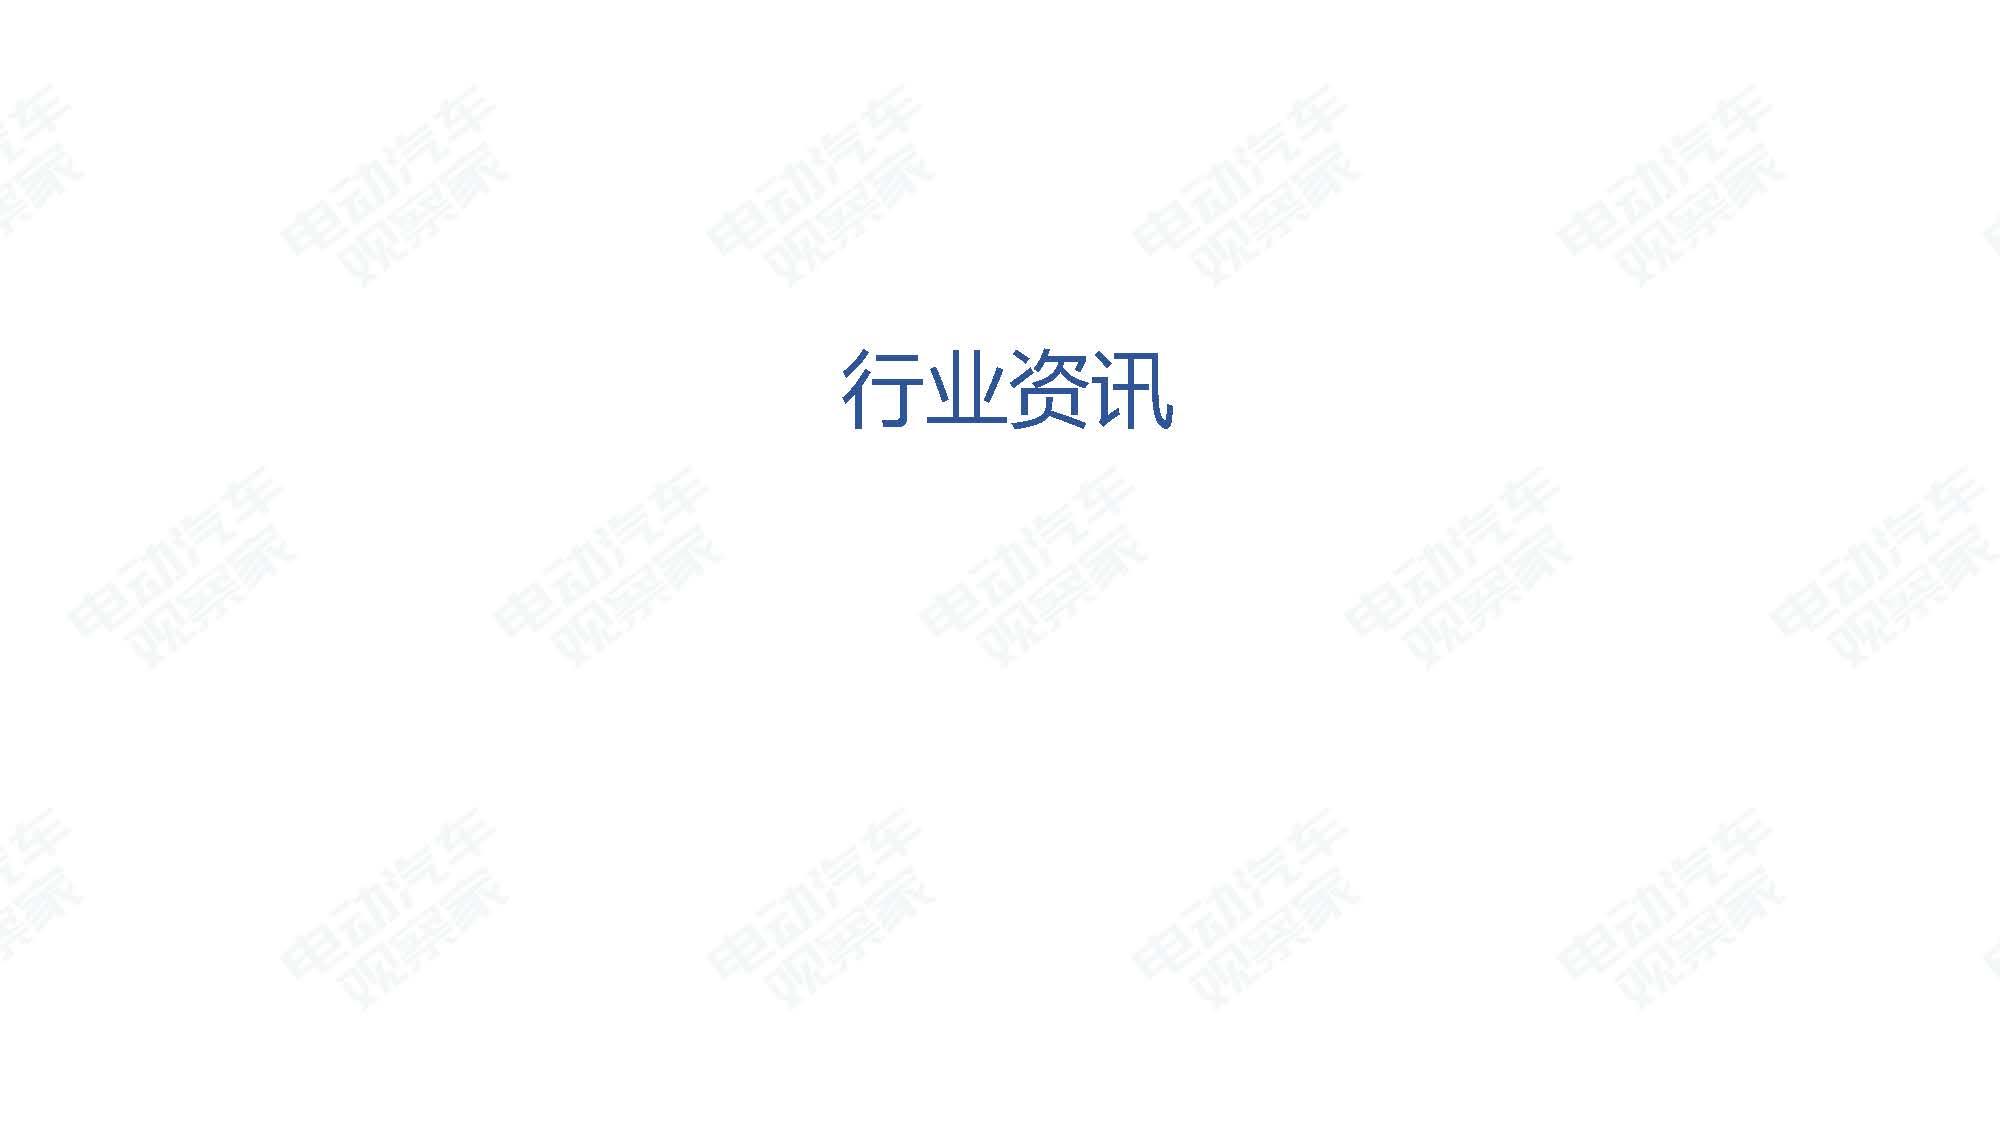 2019年11月中国新能源汽车产业观察_页面_125